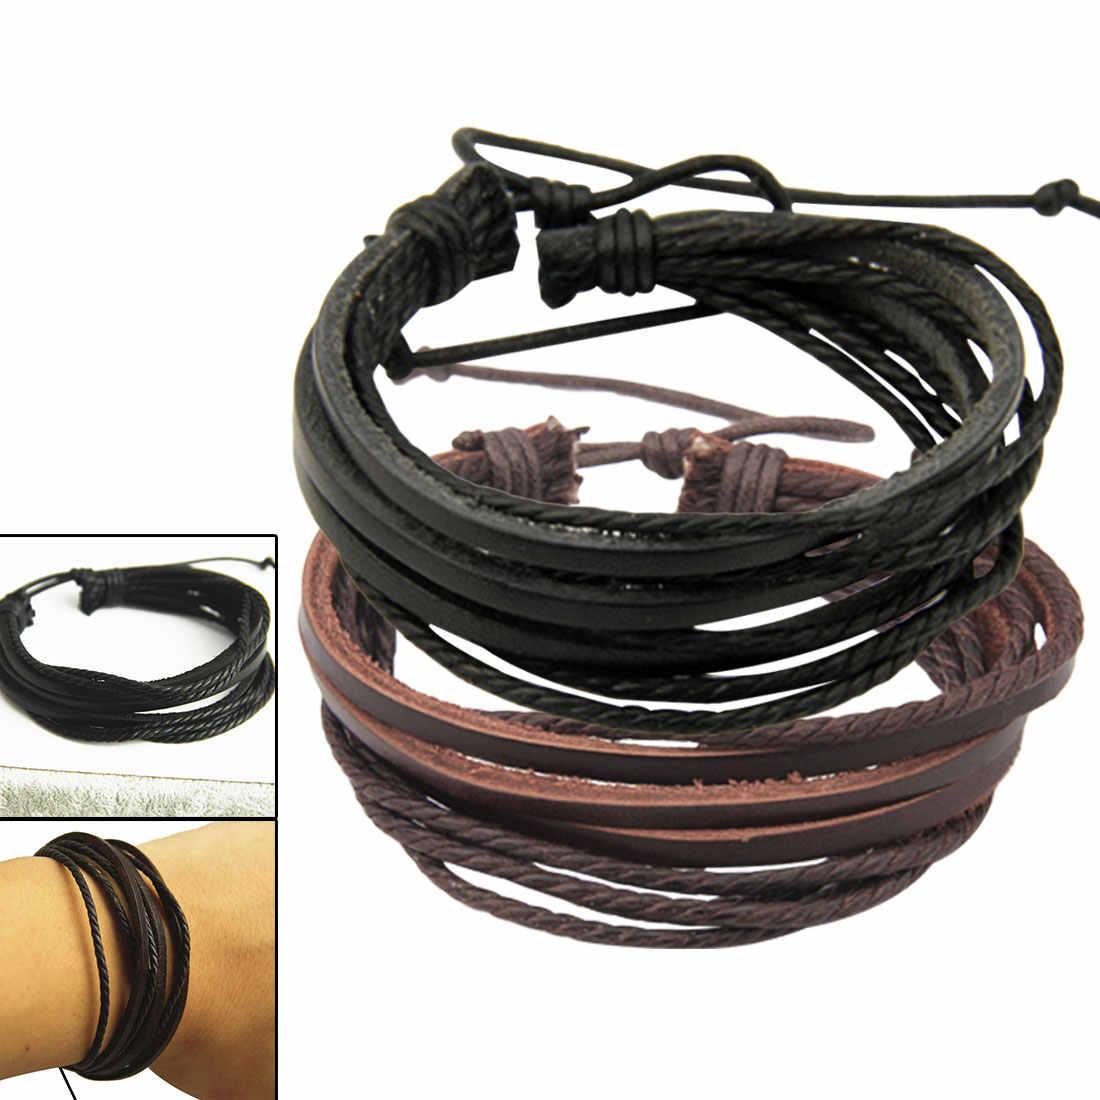 2018 новый тренд многослойный ручной веревка повседневный Дикий мужской кожаный браслет мода ветер мужчины и женщины пара браслет